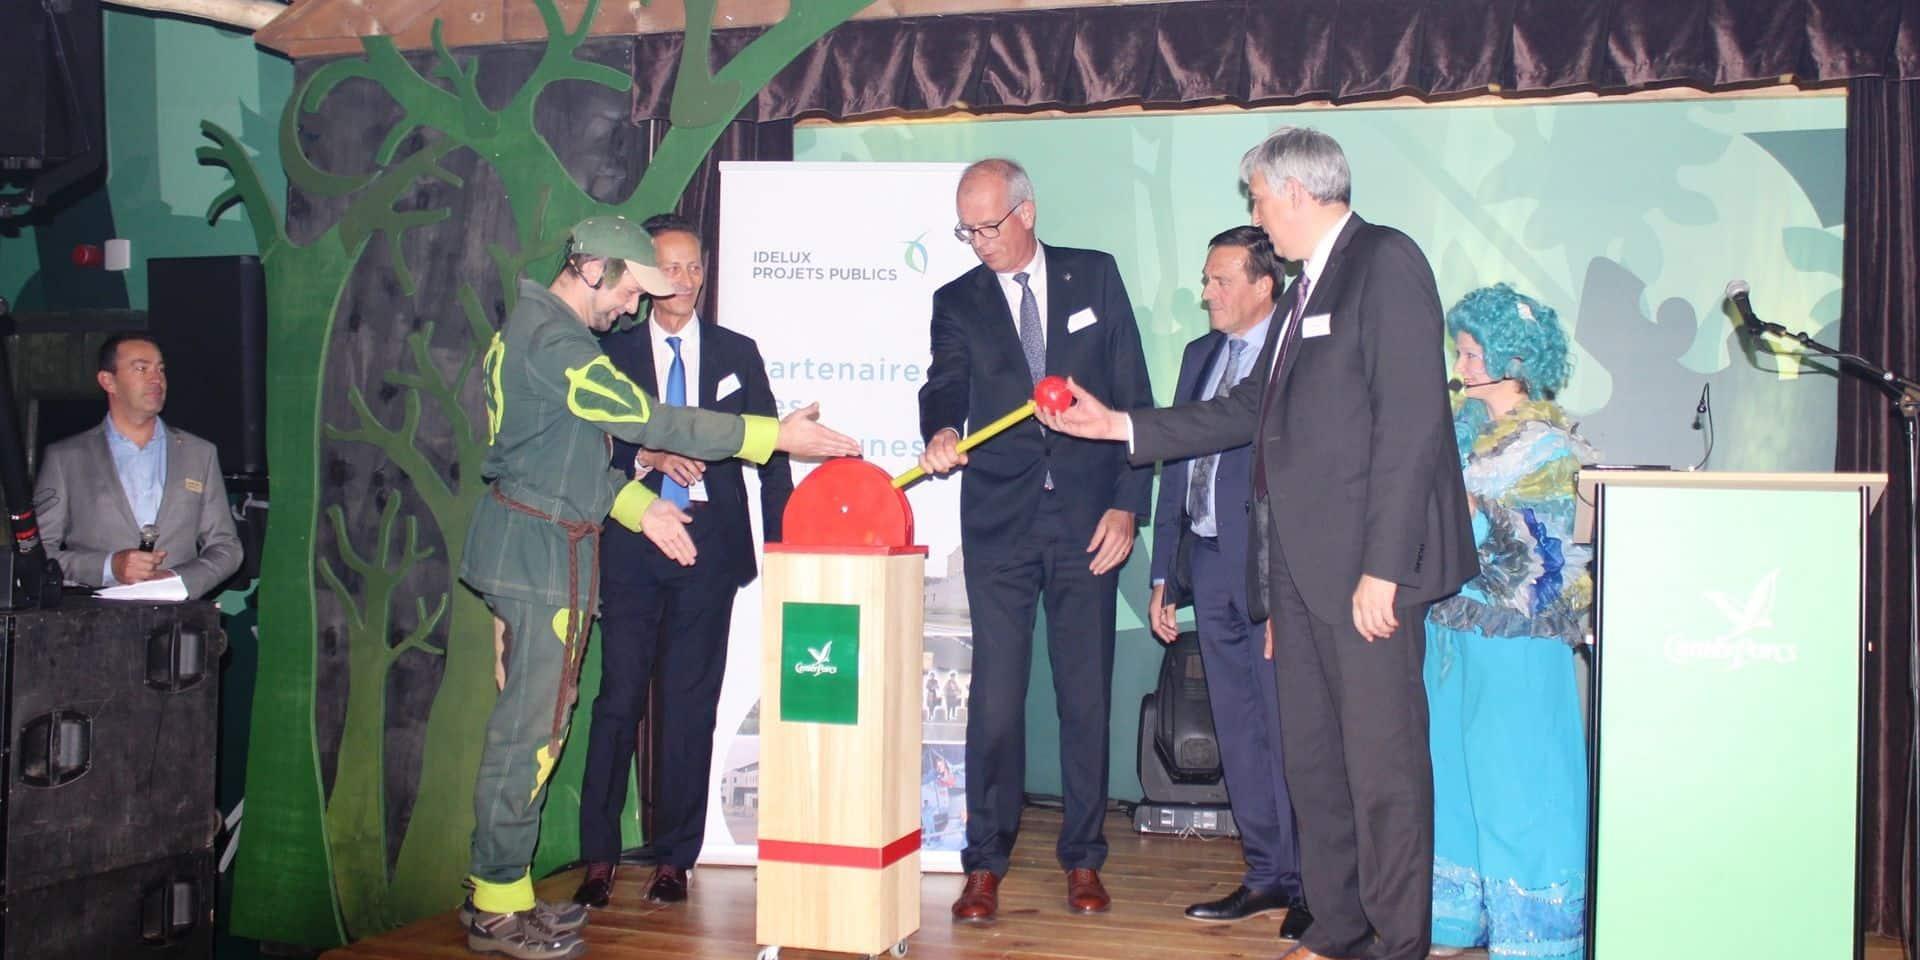 Vielsalm : un investissement de 42 millions d'euros au Center Parcs